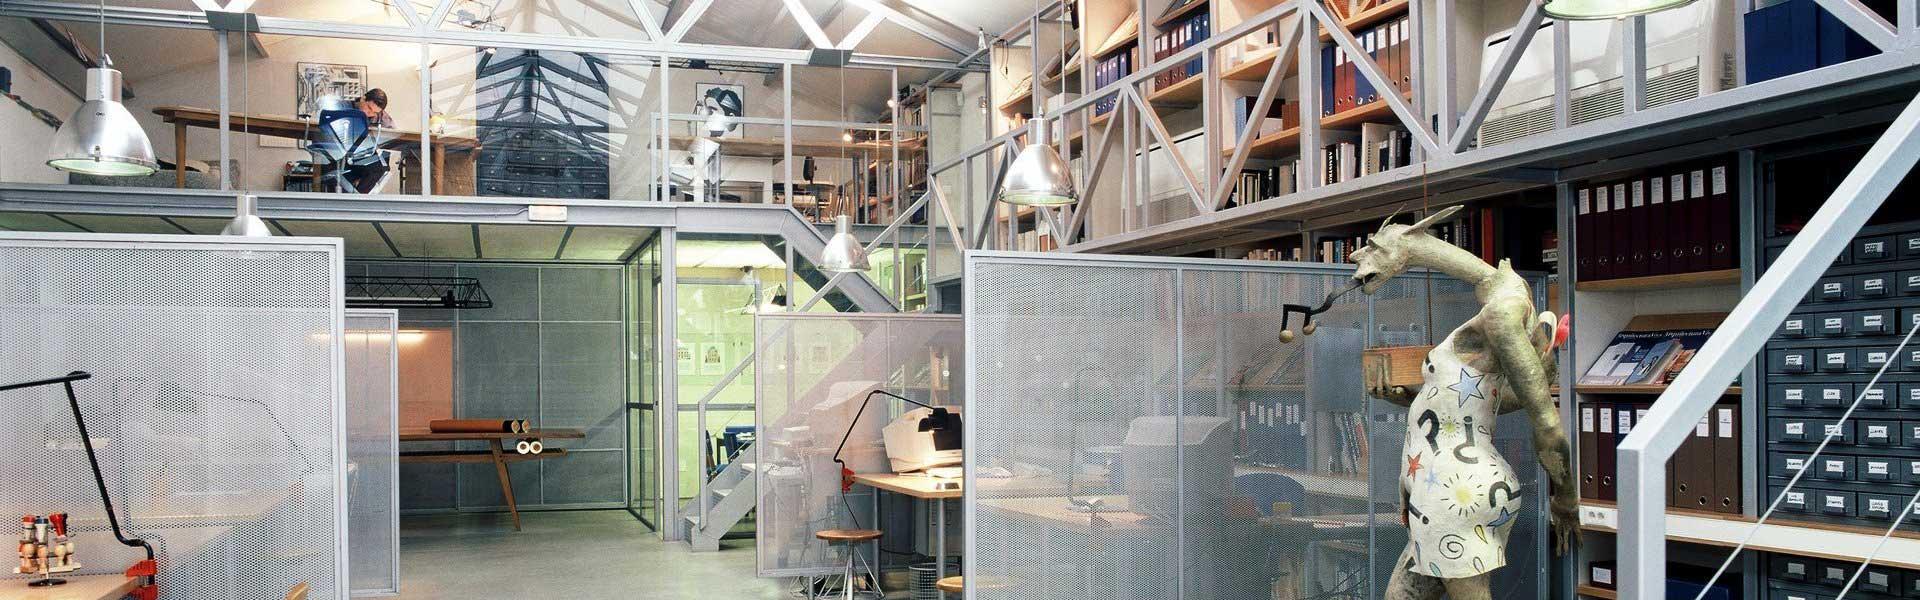 la-nave-coworking-espacio-central-11